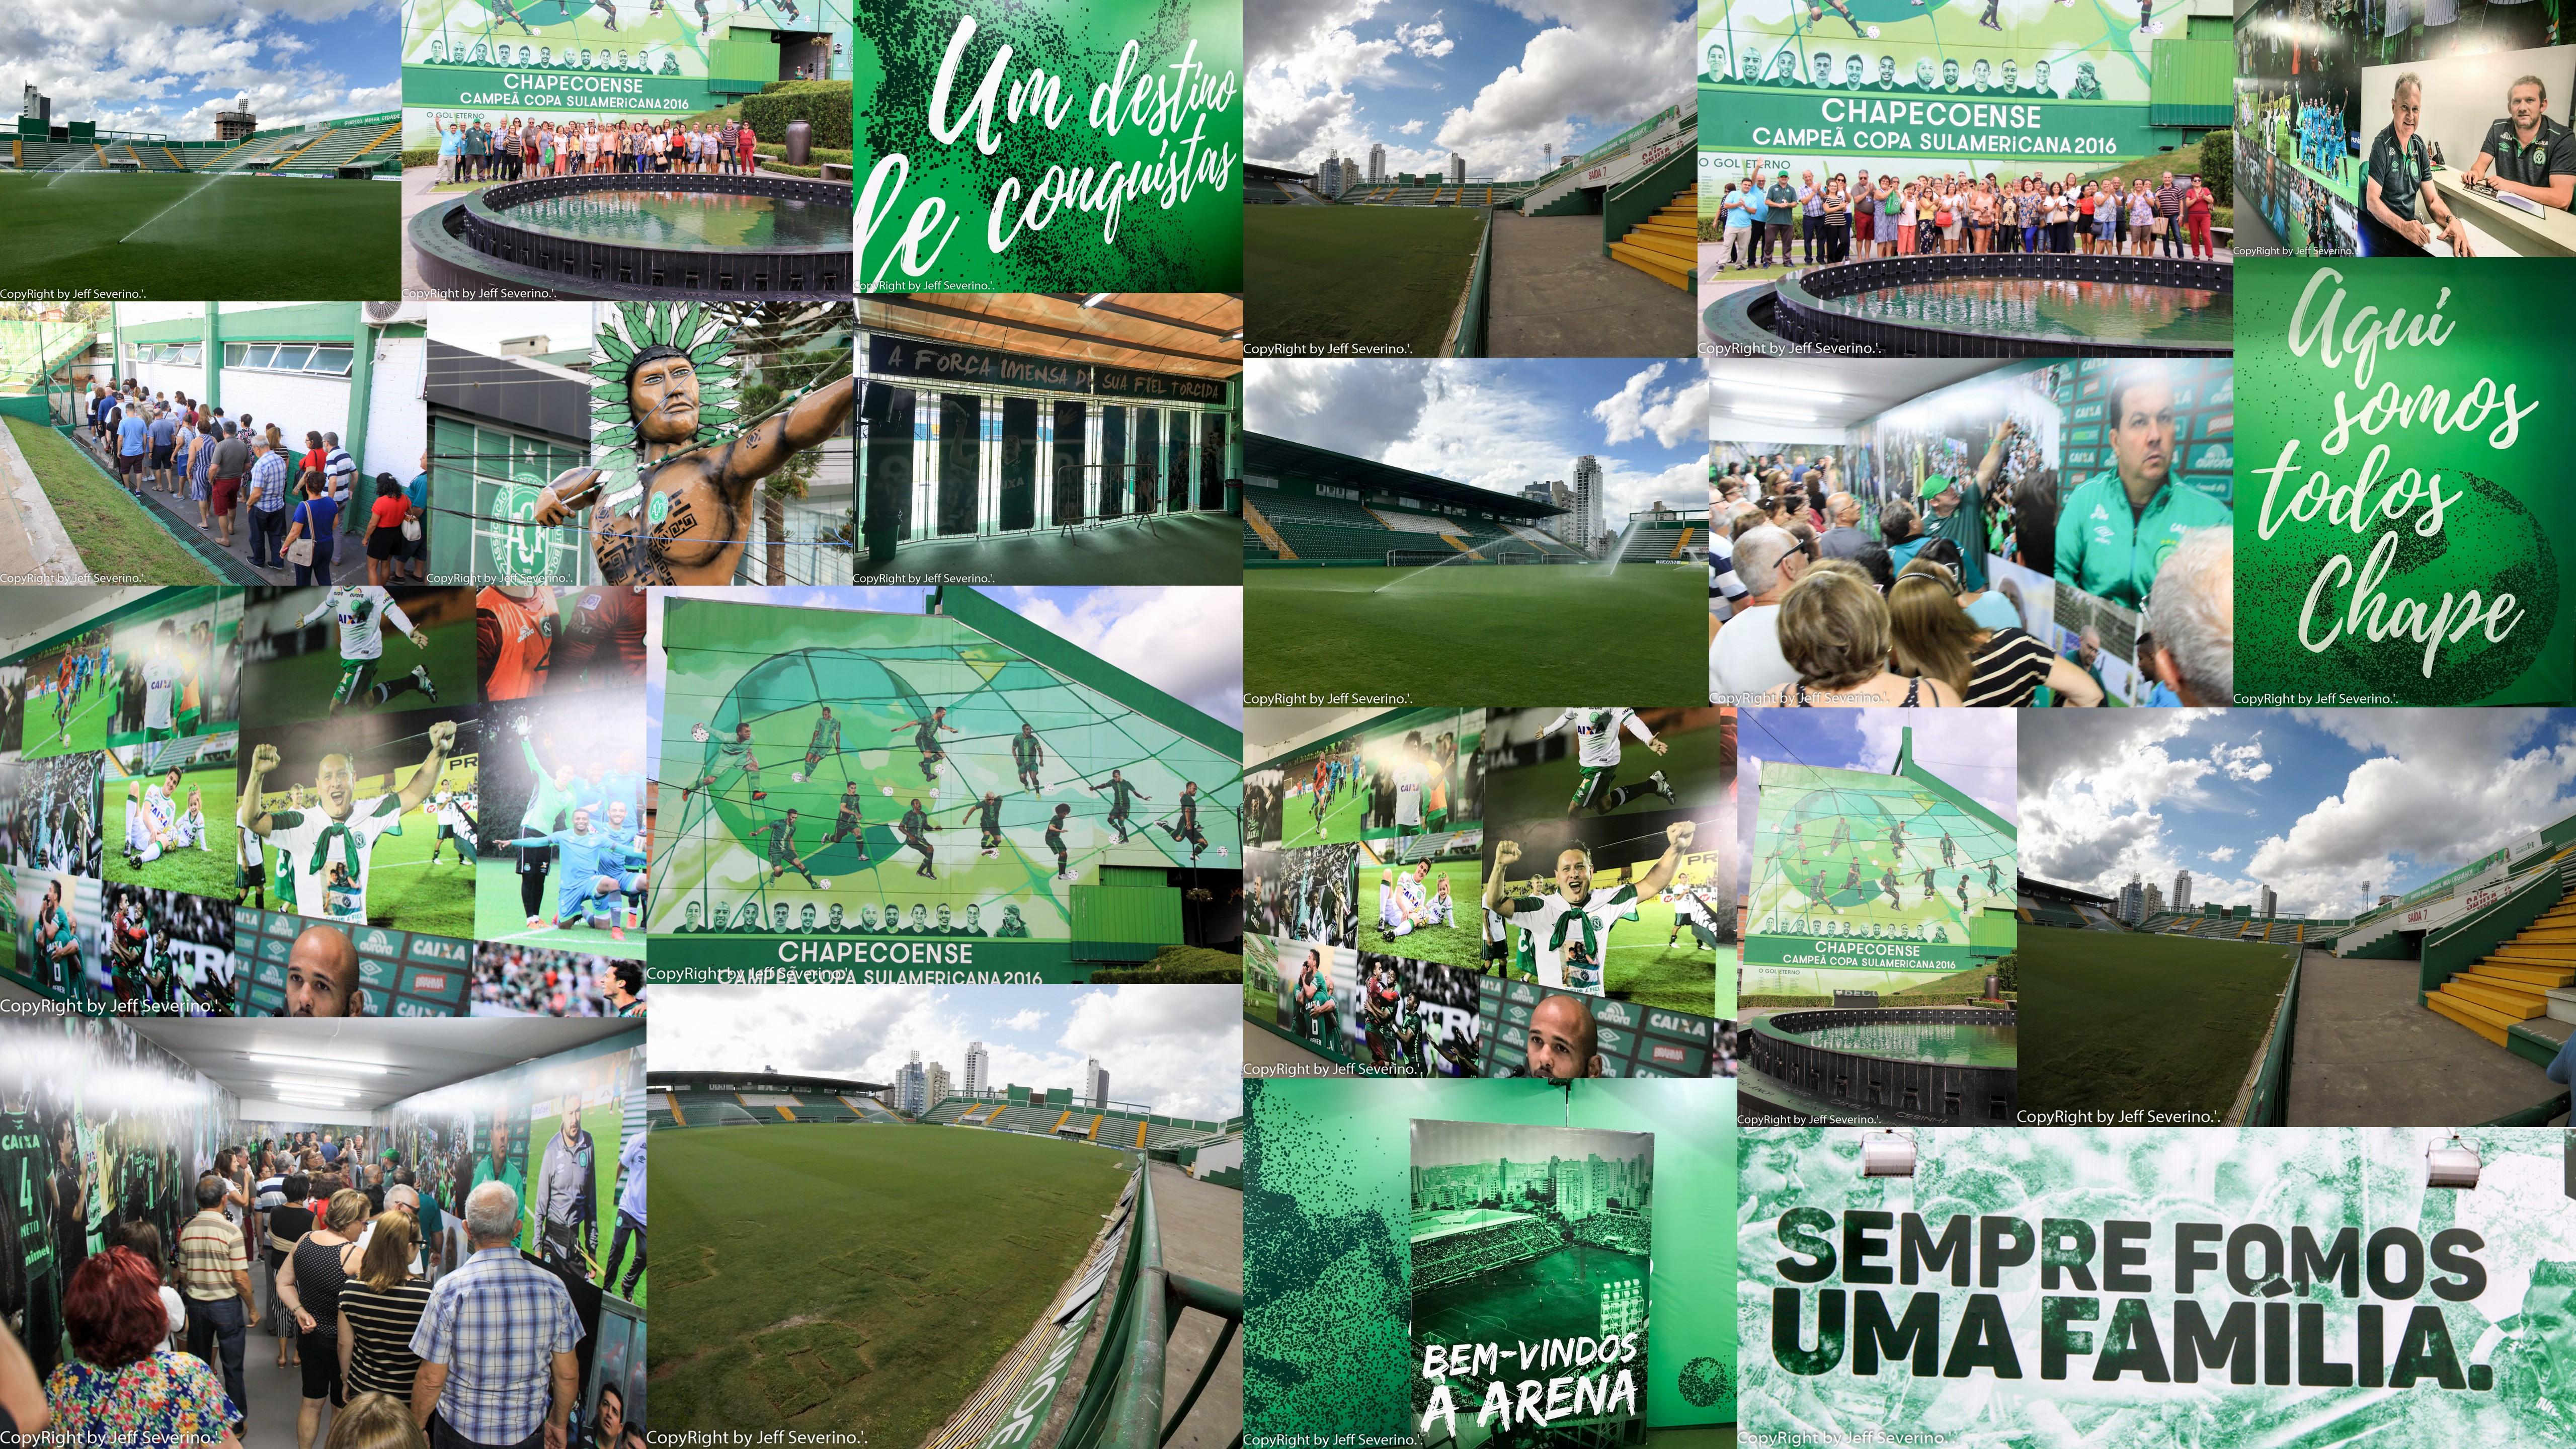 Memorial Chapecoense - turismoonline.net.br